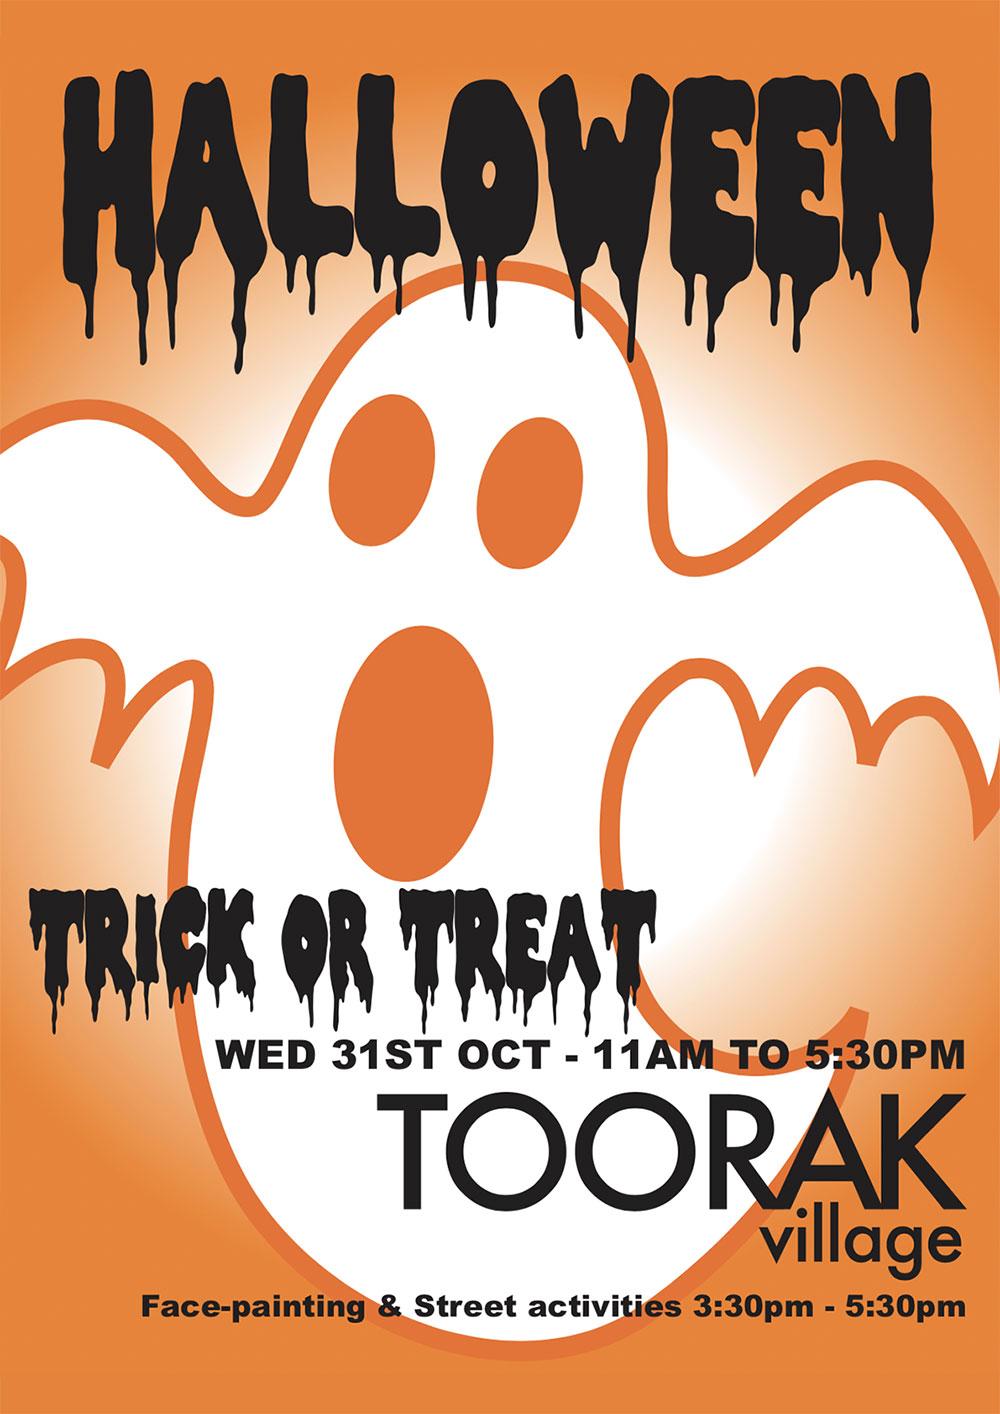 Halloween in Toorak Village